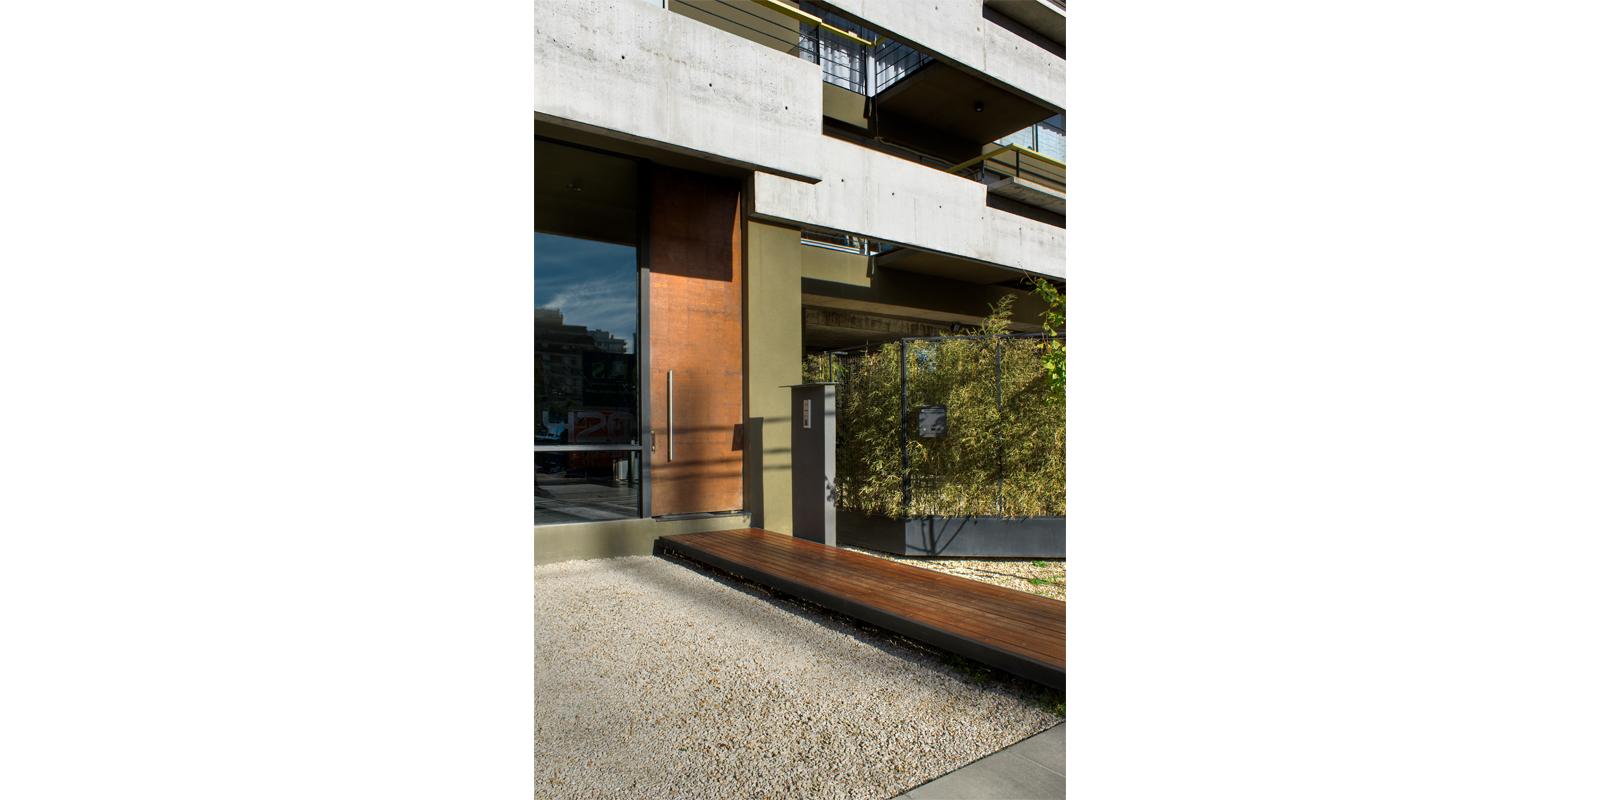 ProyectoC_Arquitectos_Portfolio_04_Alberdi